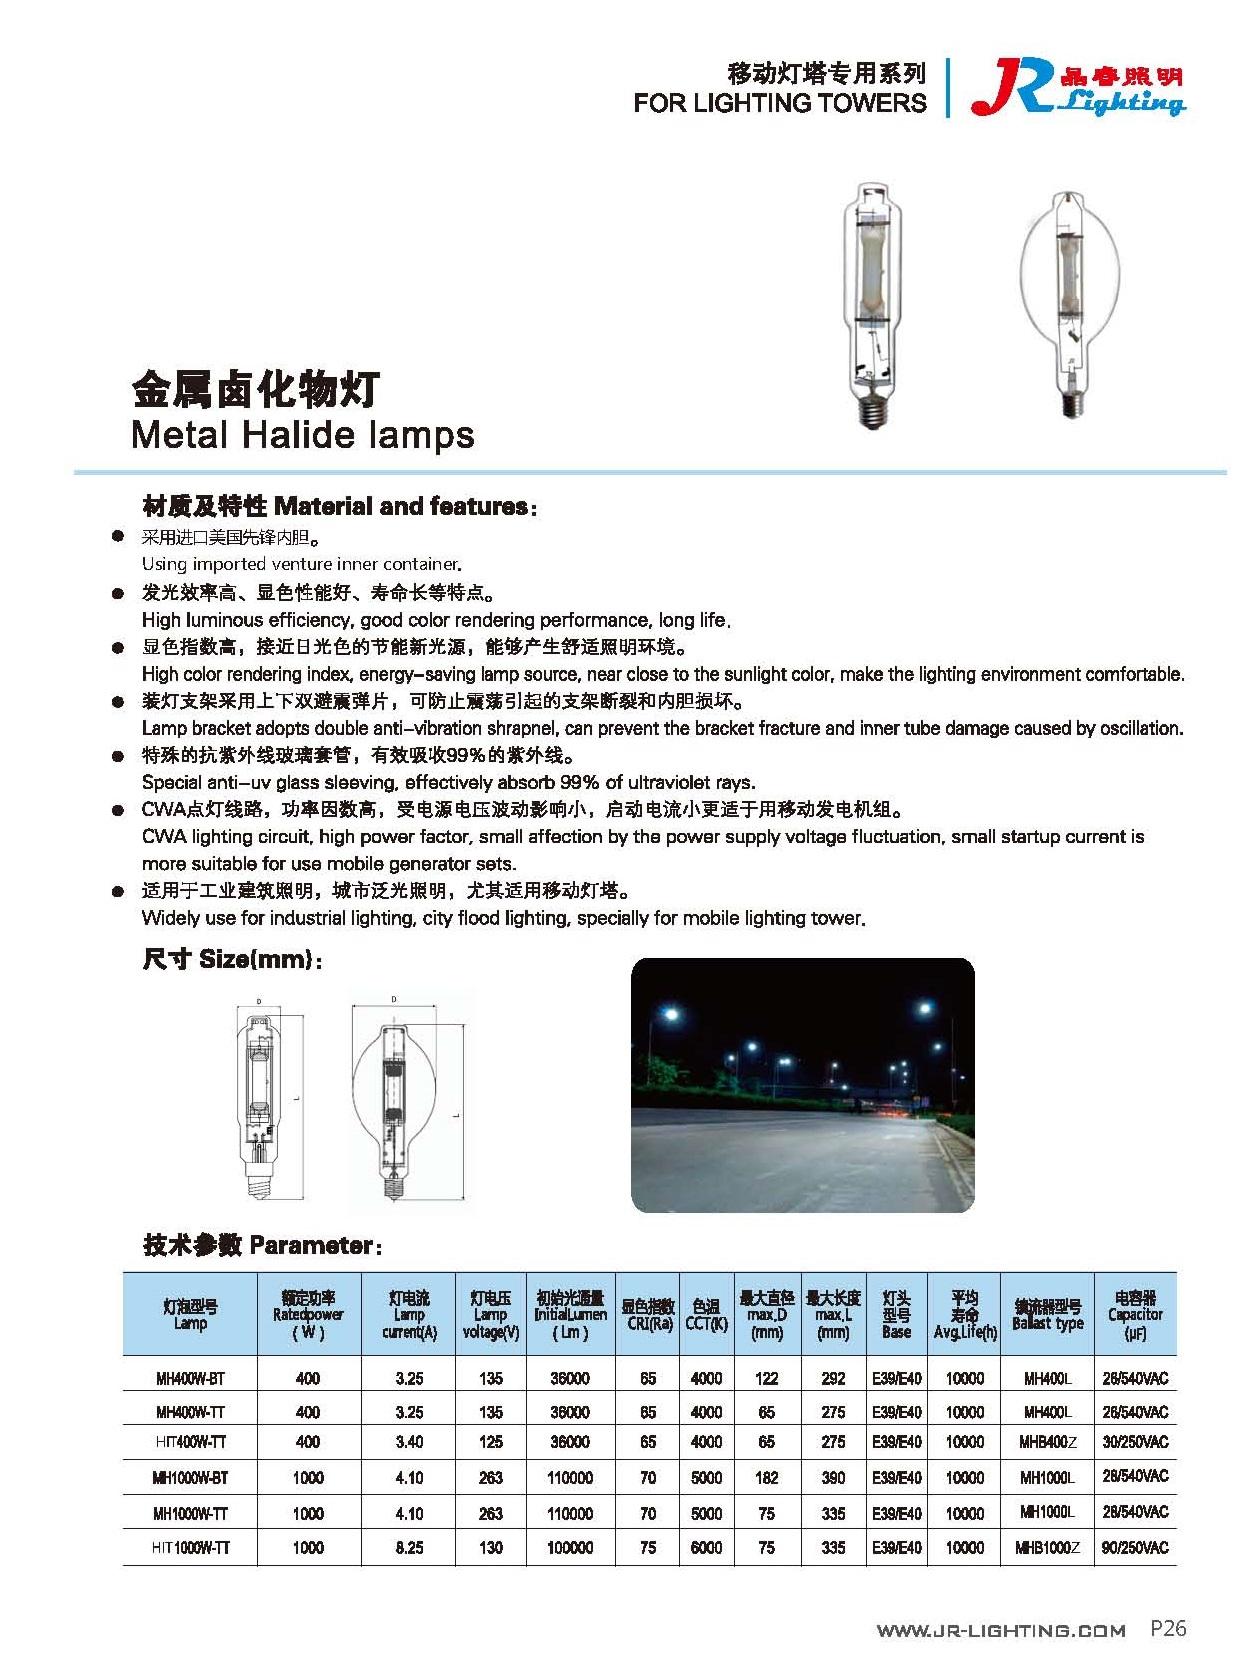 HTB1dgloQXXXXXXsXFXXq6xXFXXXm Luxus 400 Lumen In Watt Dekorationen